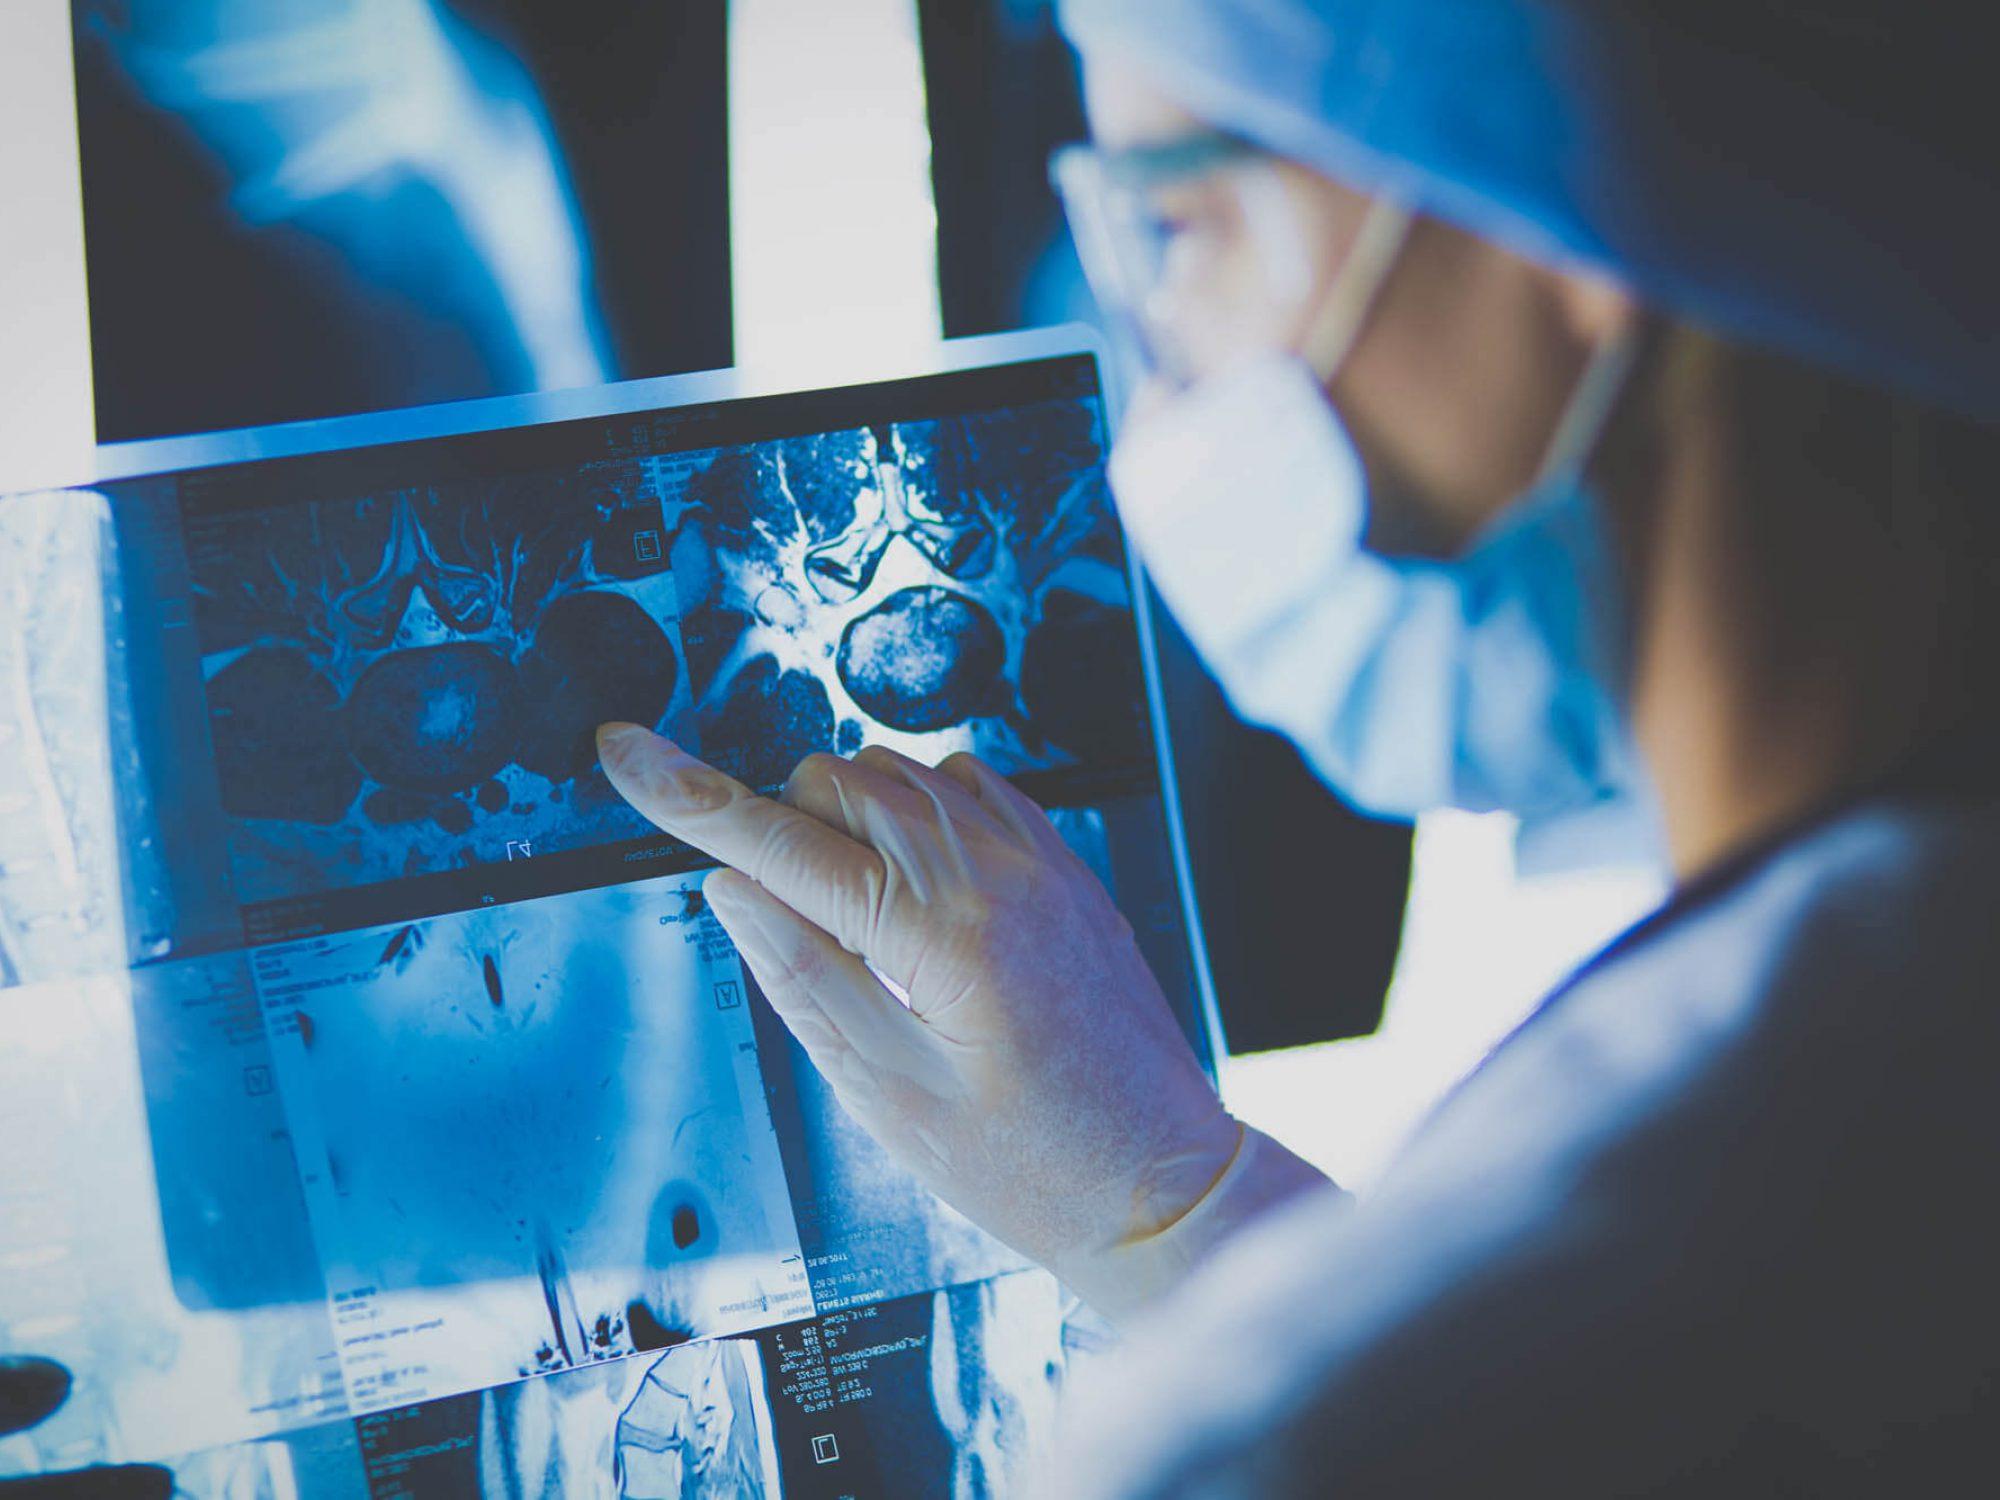 השמנה מגבירה את הסיכון לסרטן, האם ניתוח בריאטרי יכולה להוריד אותו?